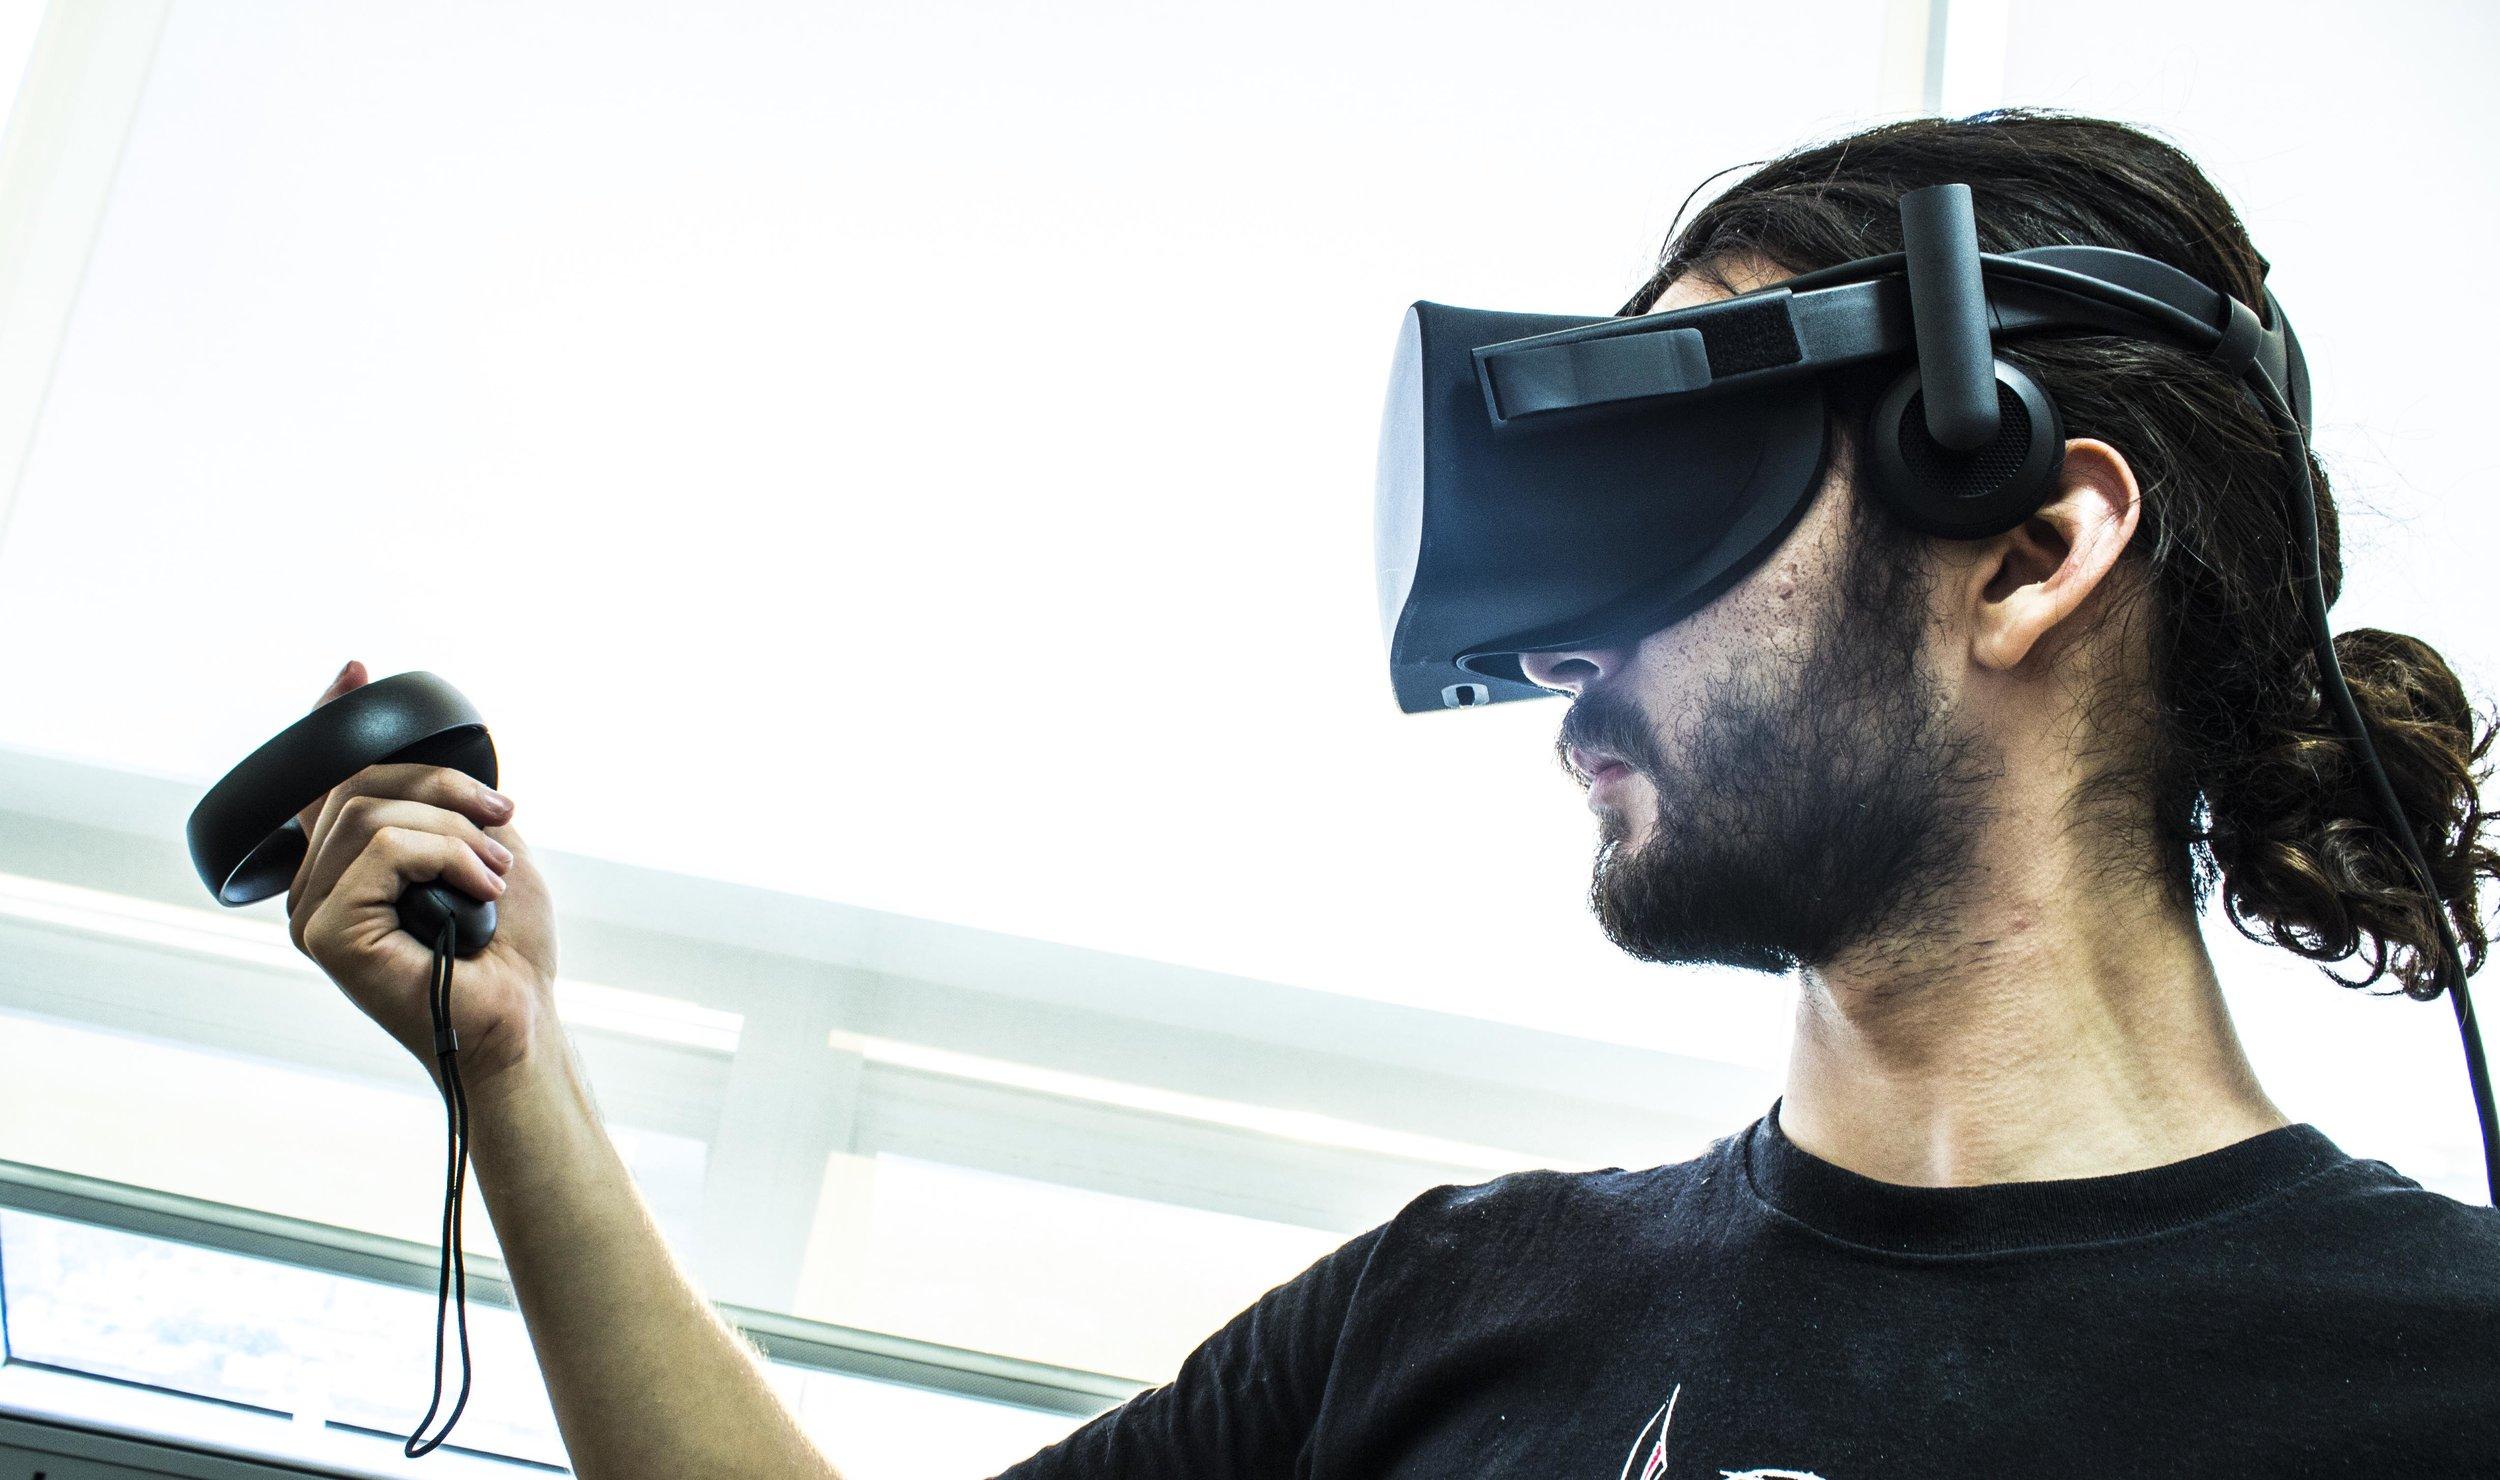 - La Realidad Virtual es una visualización einteracción del usuario dentrode un ambiente de apariencia realistasimulado por computadora, con la capacidad deinteractuar con absolutamente todo.